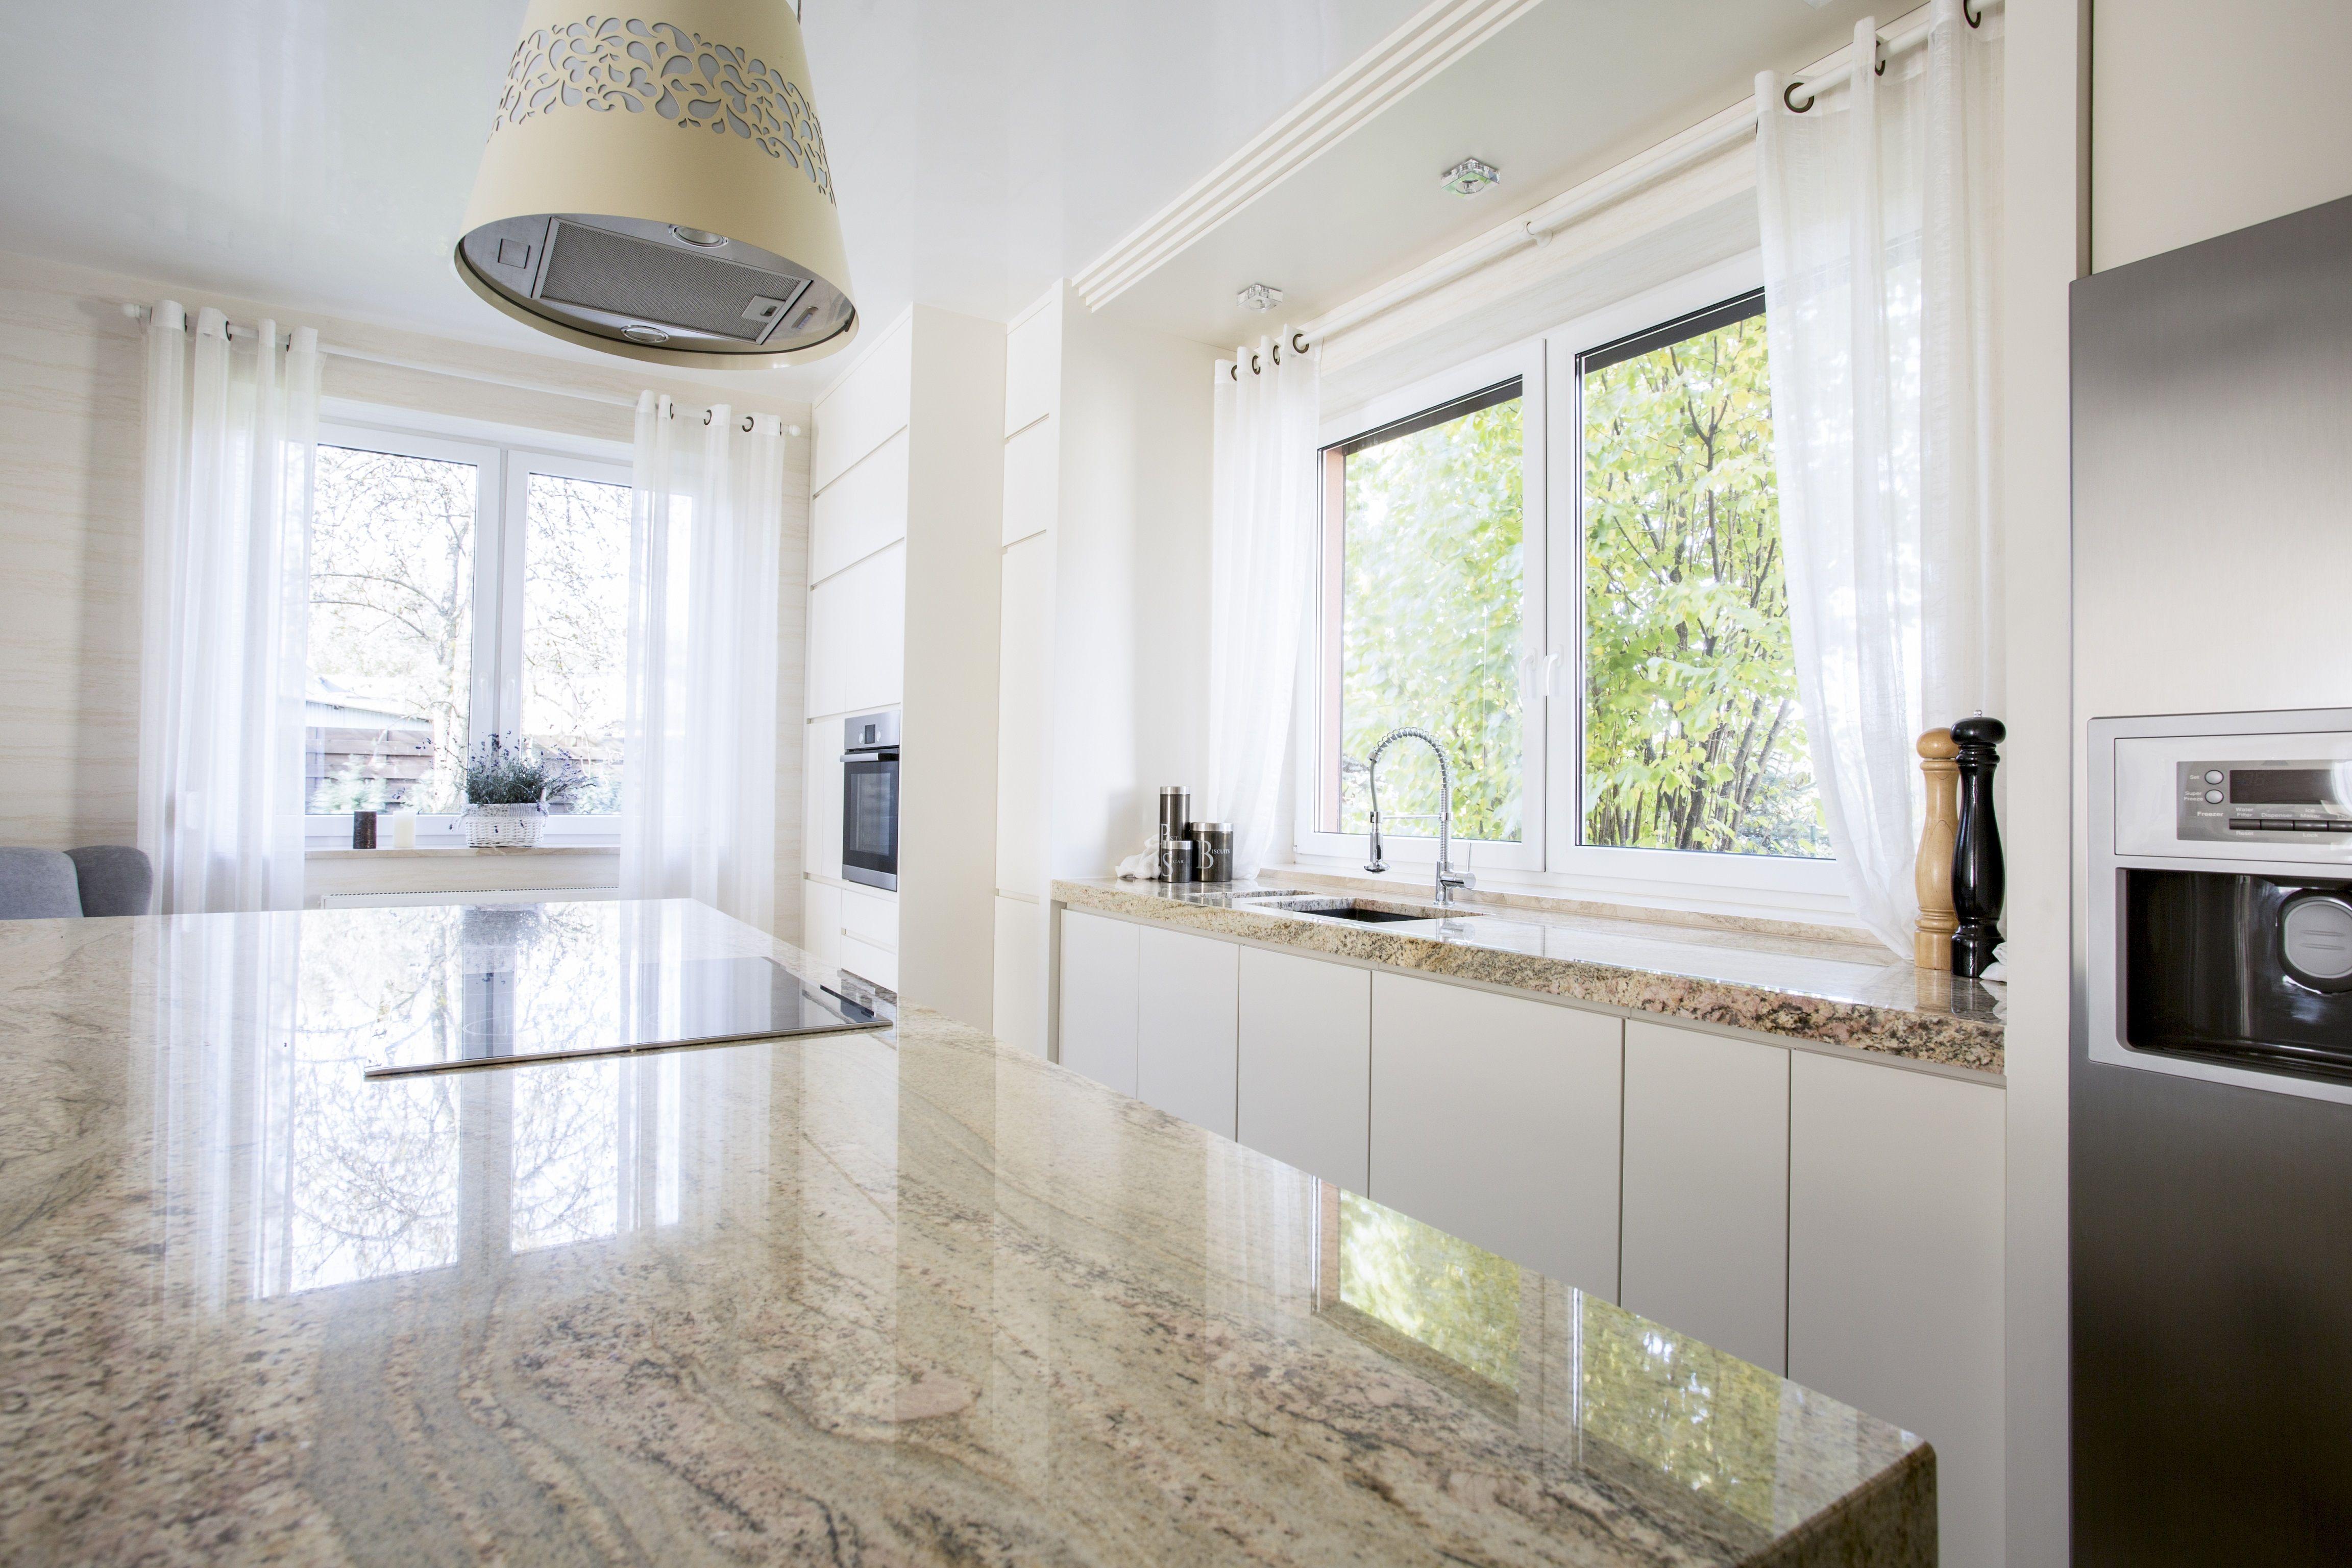 Piekna Otwarta Biala Kuchnia Z Marmurowym Blatem Przy Wyspie Kuchennej Zestaw Bialych Drewnia Kitchen Design Gallery Kitchen Design Kitchen Design Pictures